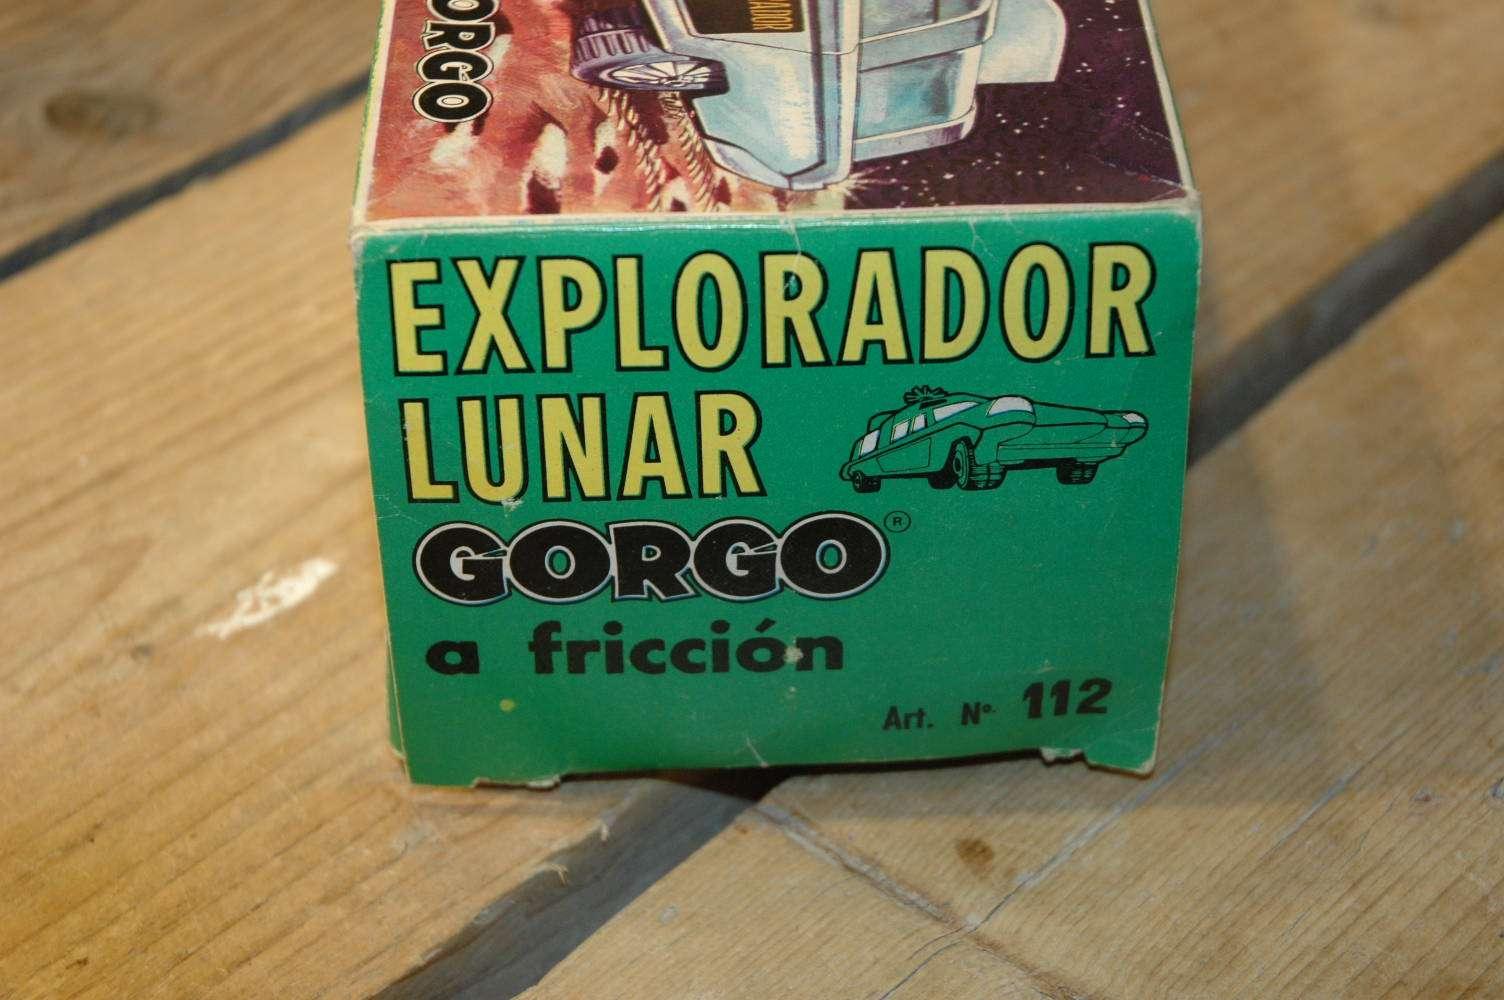 Gorgo - Explorador Lunar